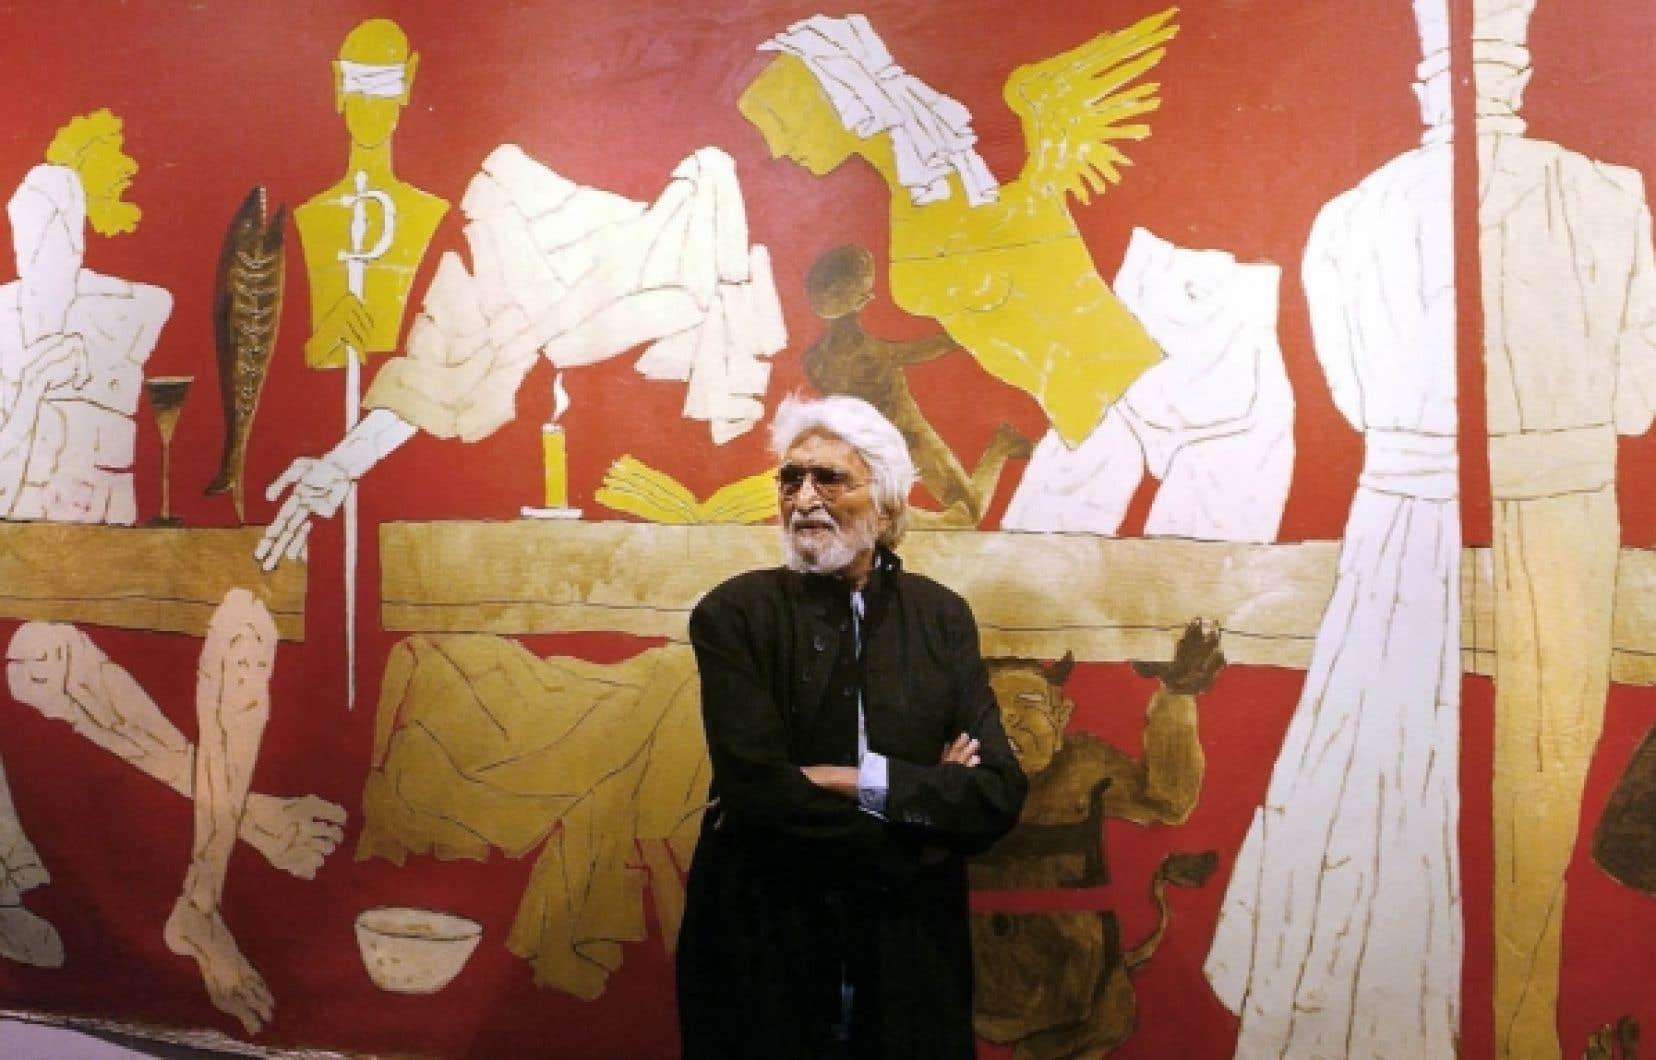 Sur cette photo prise en janvier 2004, l'artiste indien Maqbool Fida Husain pose devant son tableau intitulé Last Supper, lors du vernissage d'une de ses expositions à Londres.